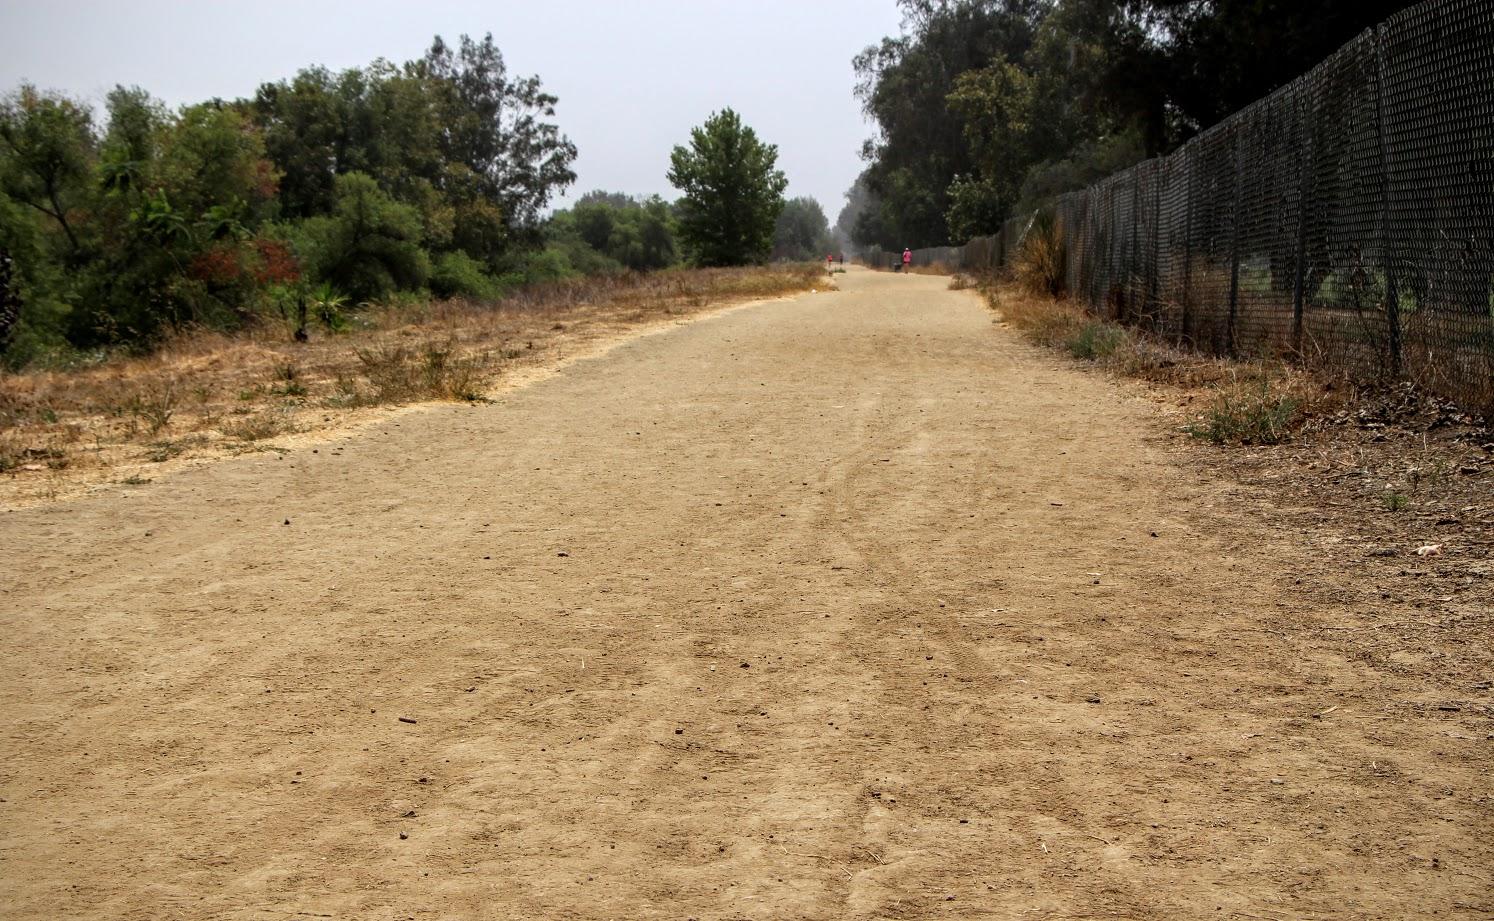 Lake Balboa Park An 8 Mile Bike Loop Around La S